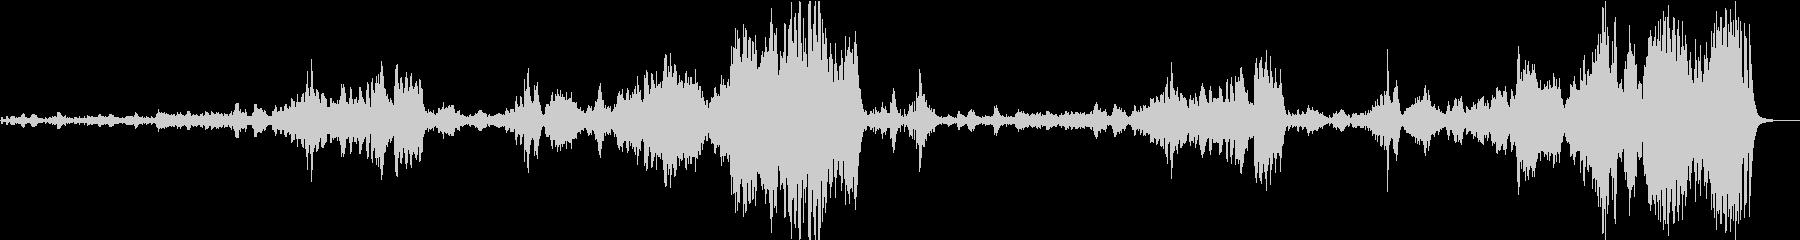 チャイコフスキー くるみ割り人形 序曲の未再生の波形